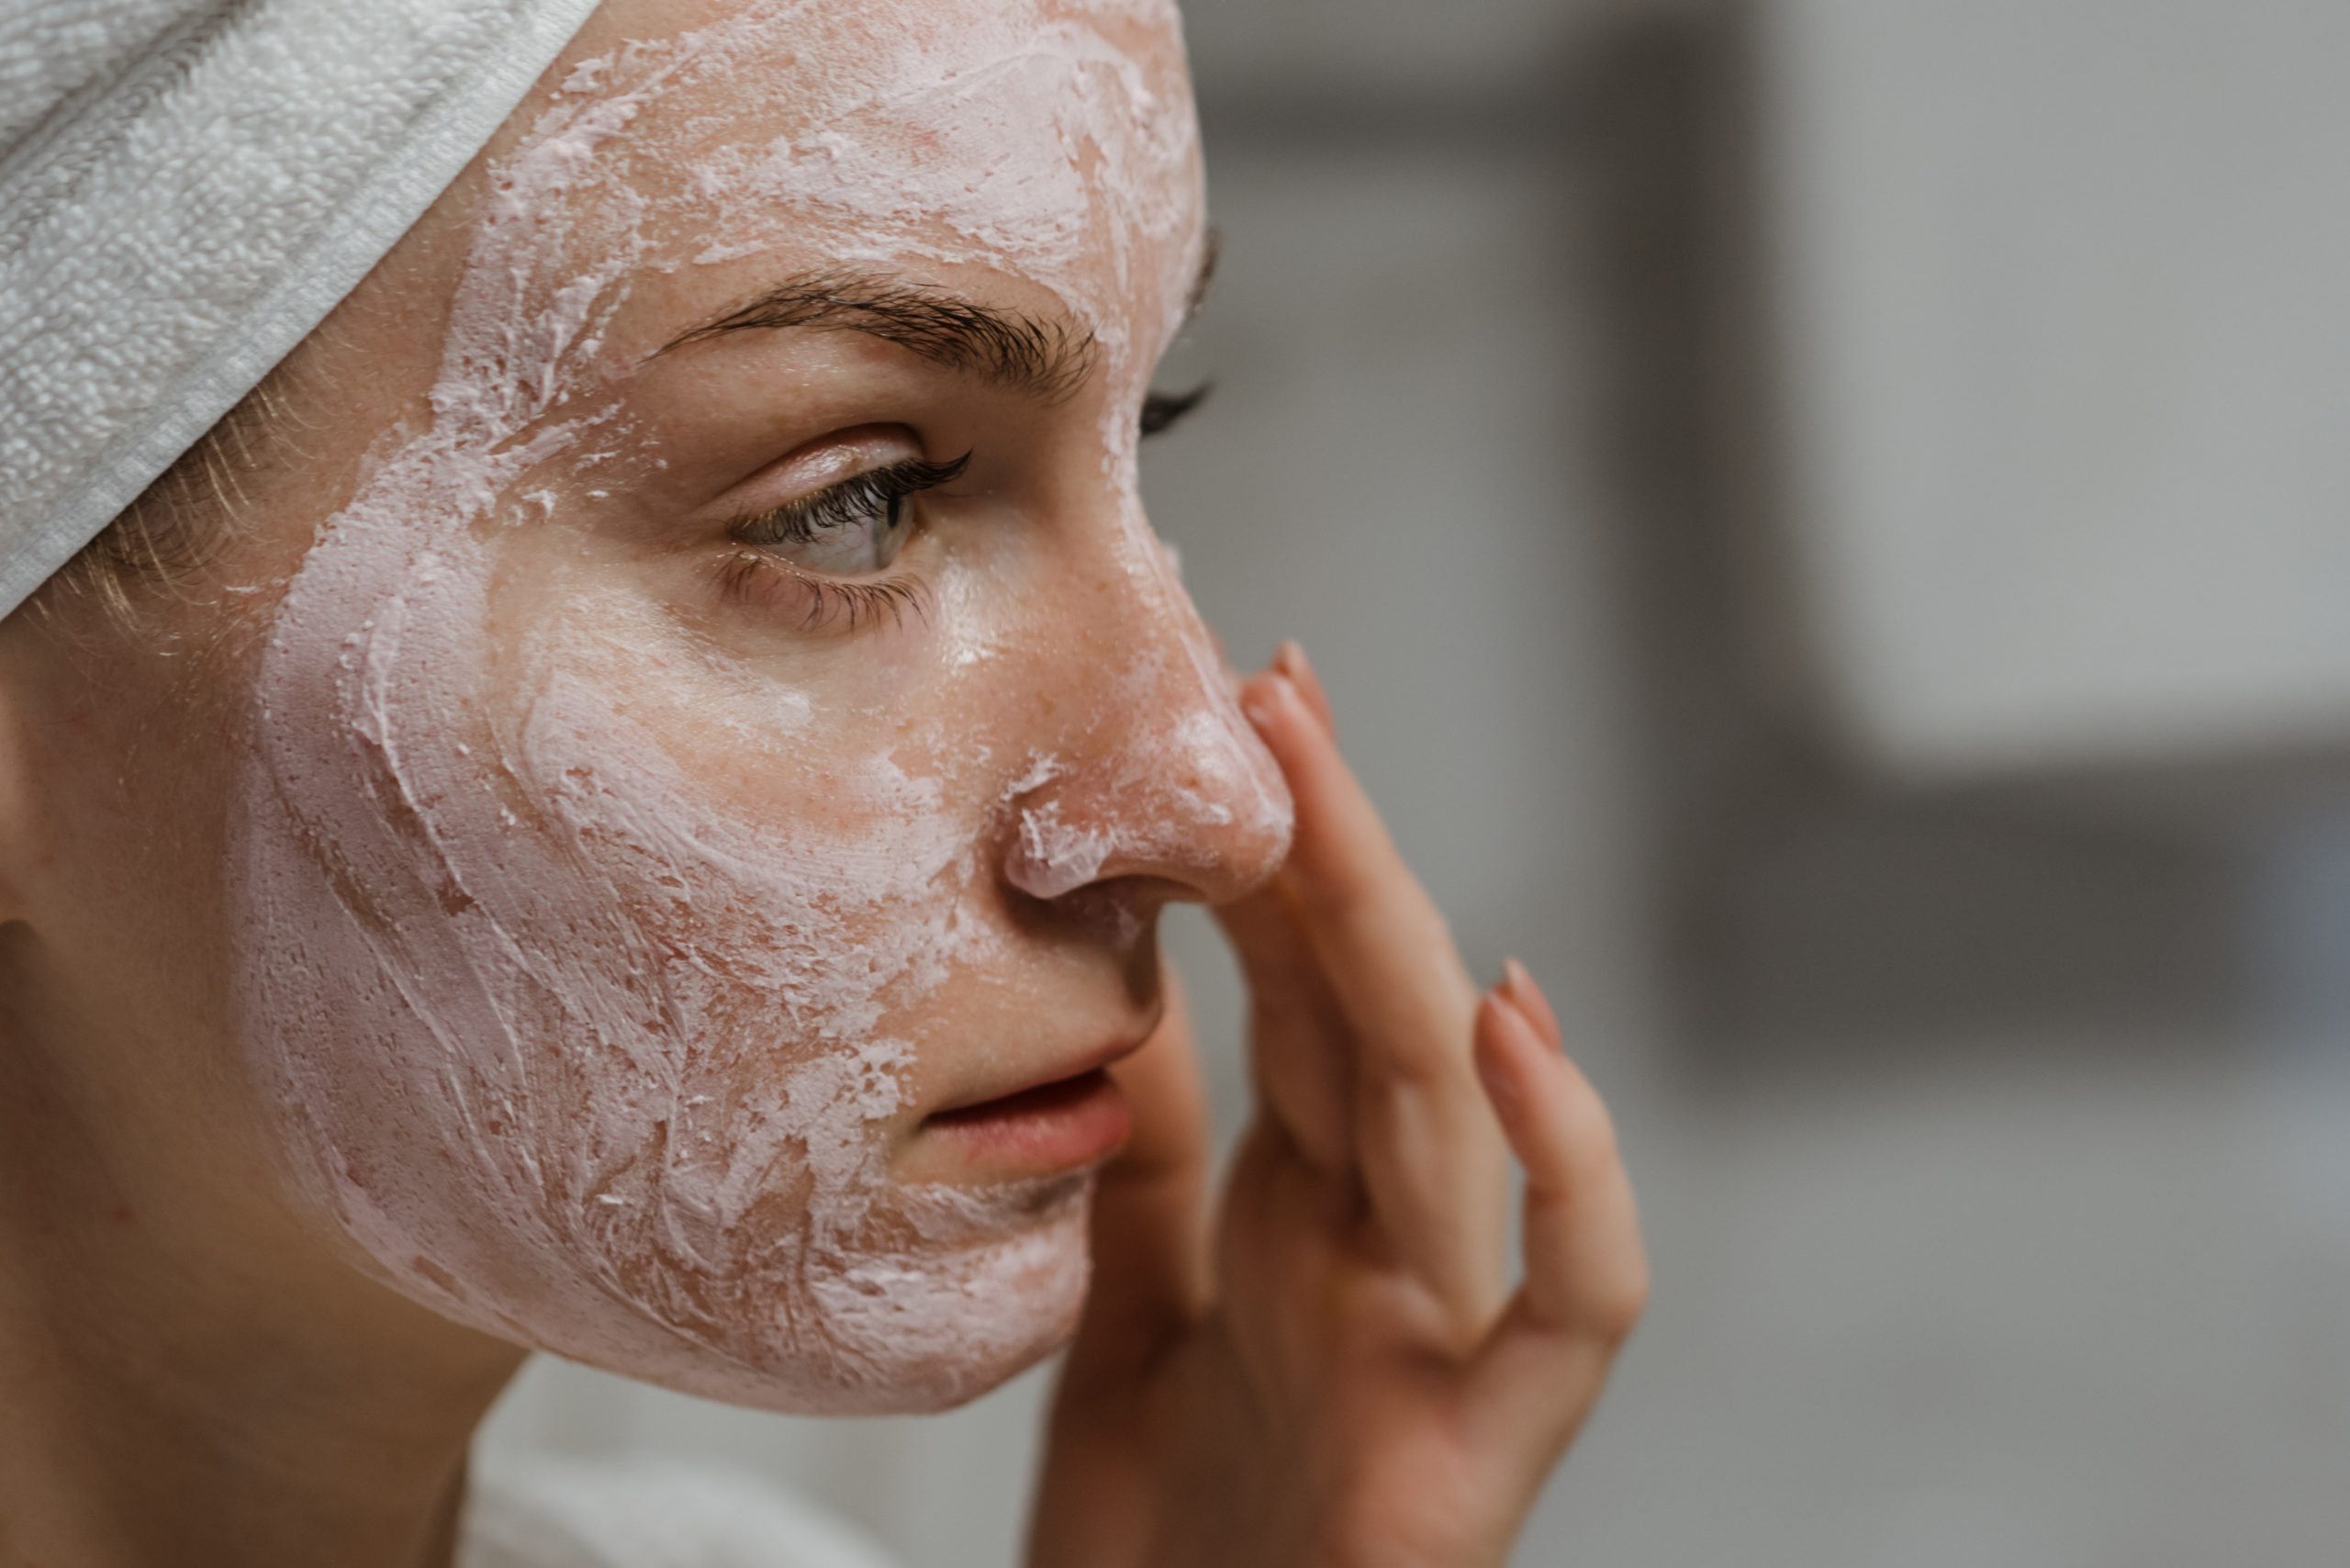 Células madre: nuevos tratamientos para mejorar la calidad de la piel